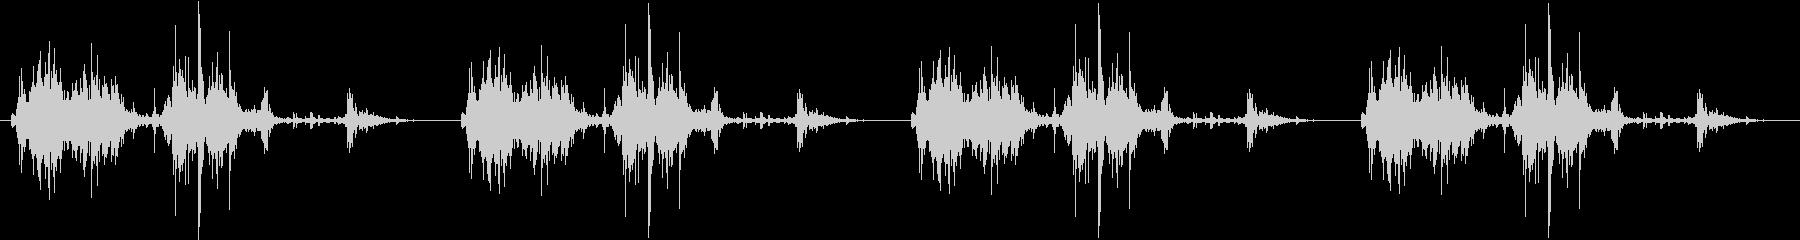 【生録音】ロボットのおもちゃ 歩く音 1の未再生の波形